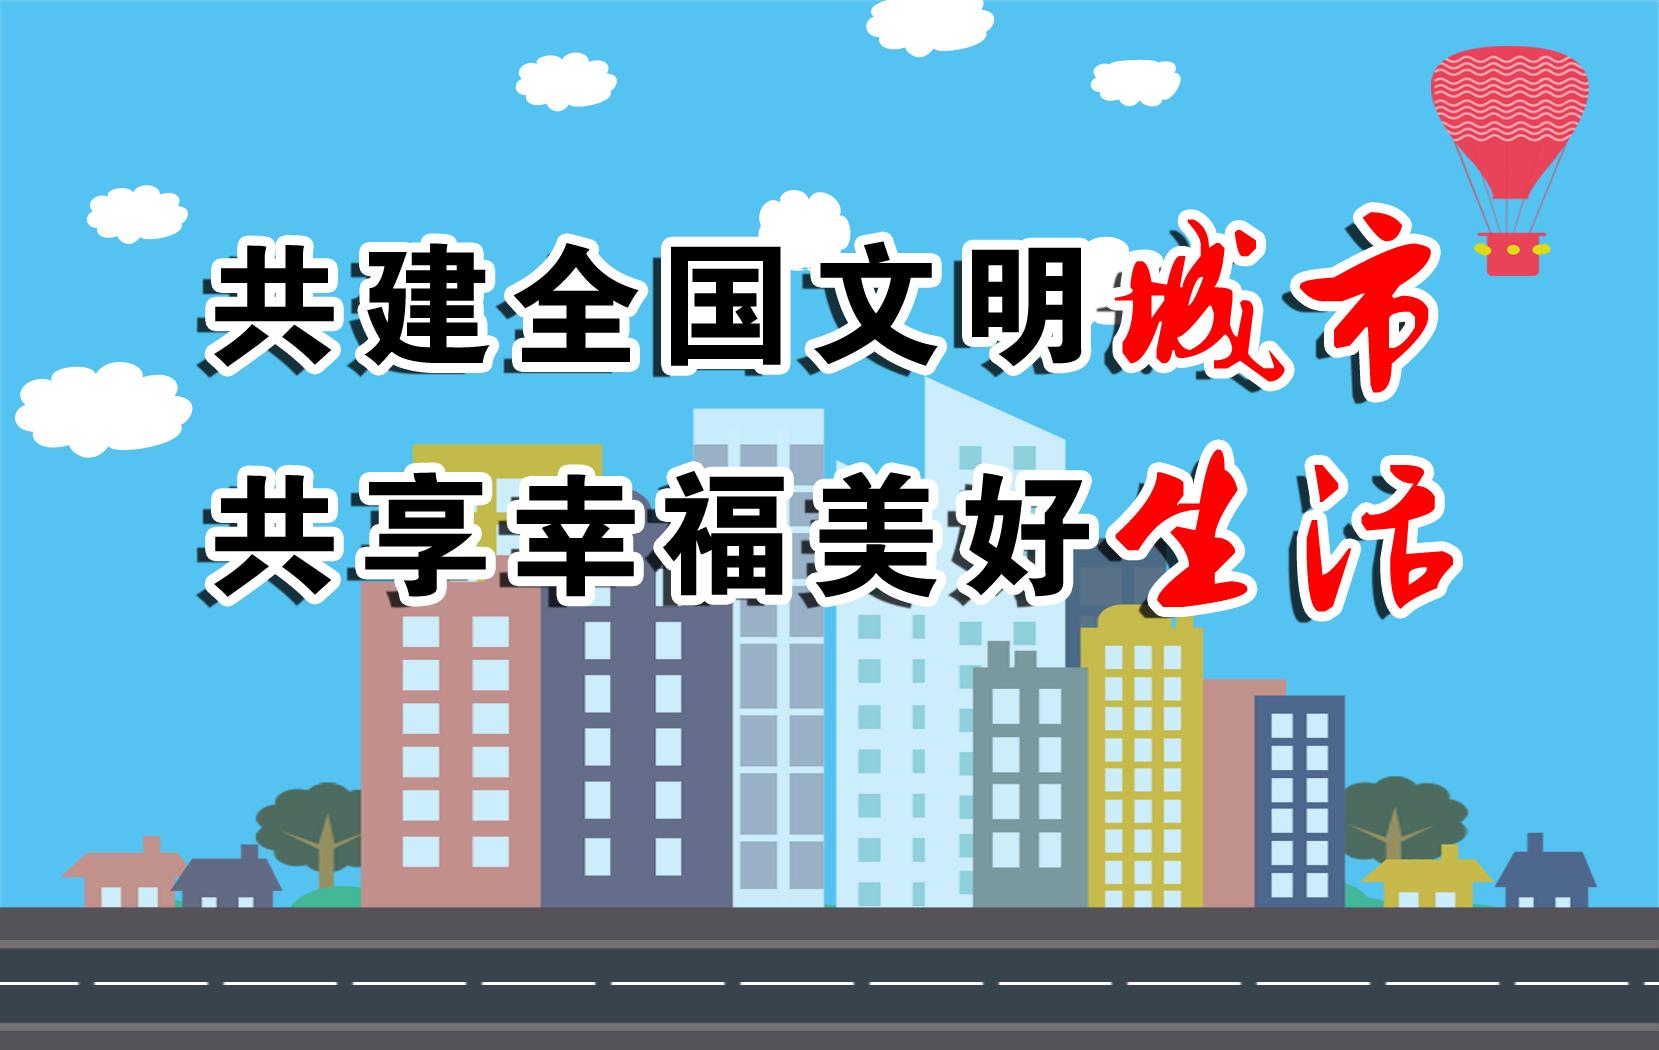 共建全国文明城市 共享幸福美好生活